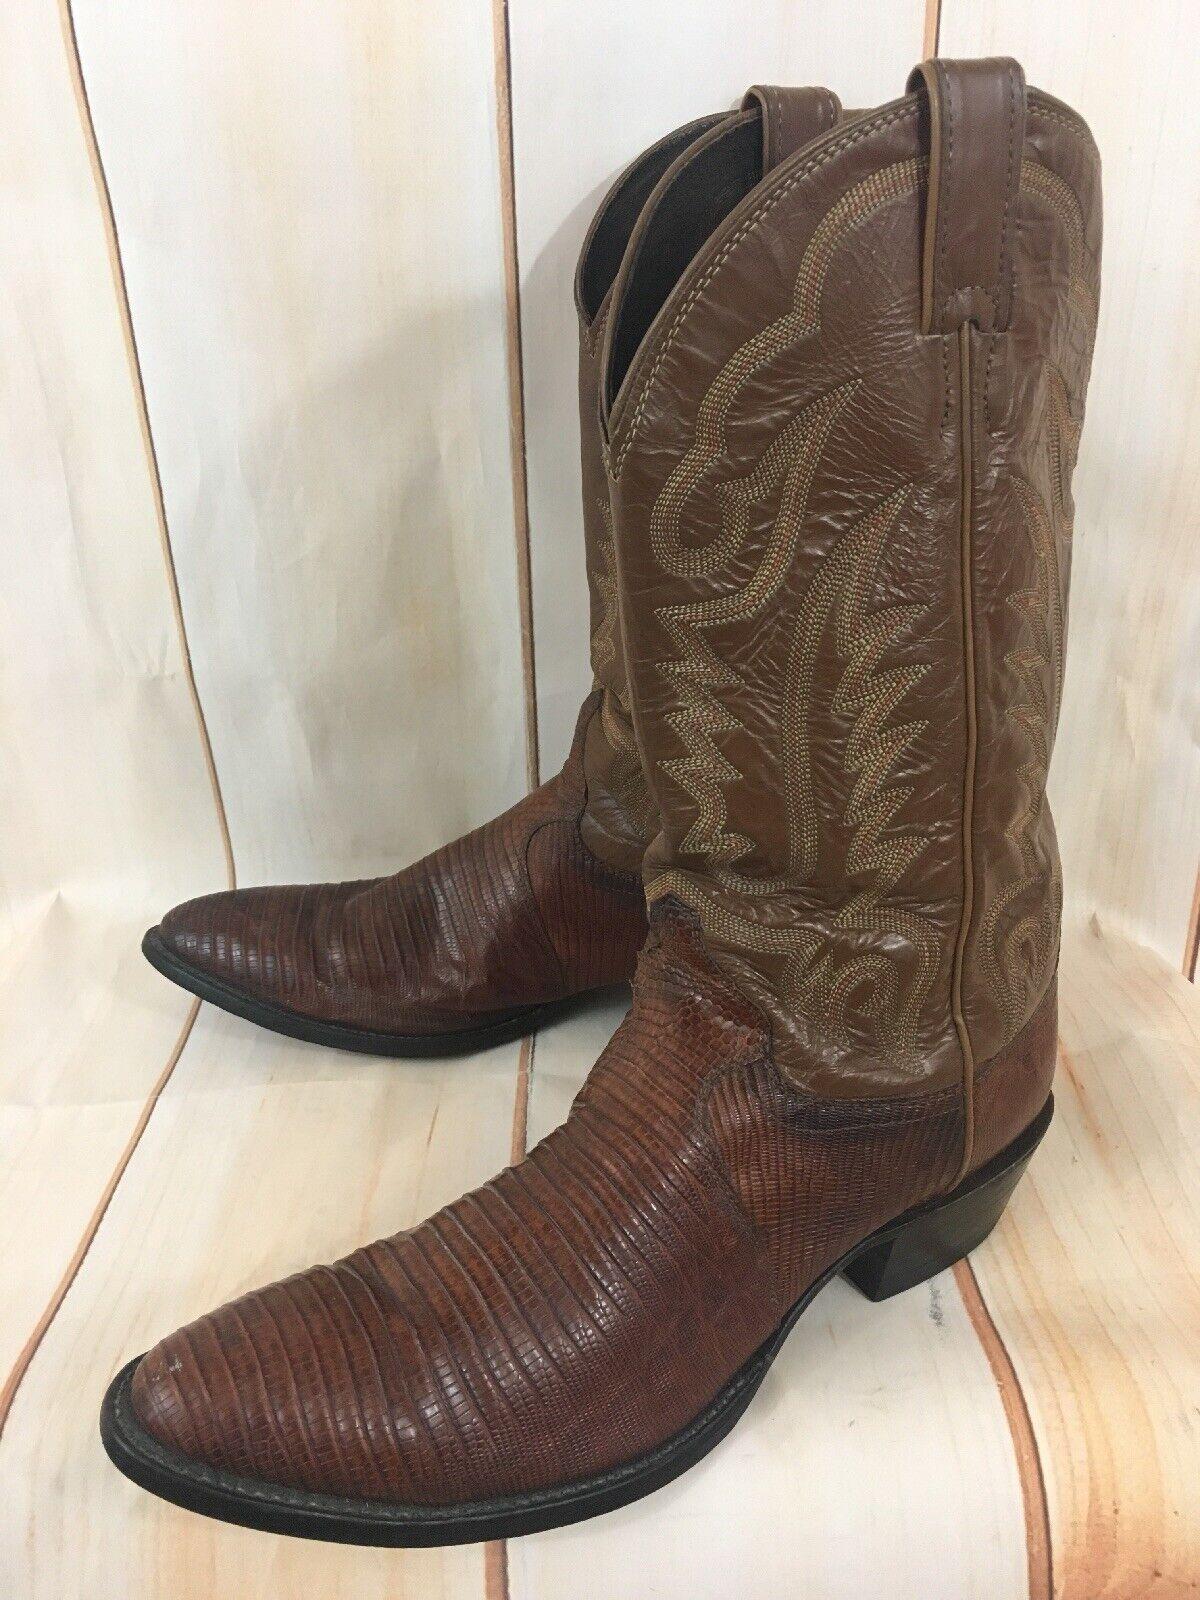 Vintage Justin 8303 EE. UU. Lagarto Rockabilly botas de vaquero occidental de cuero hombres 12 a